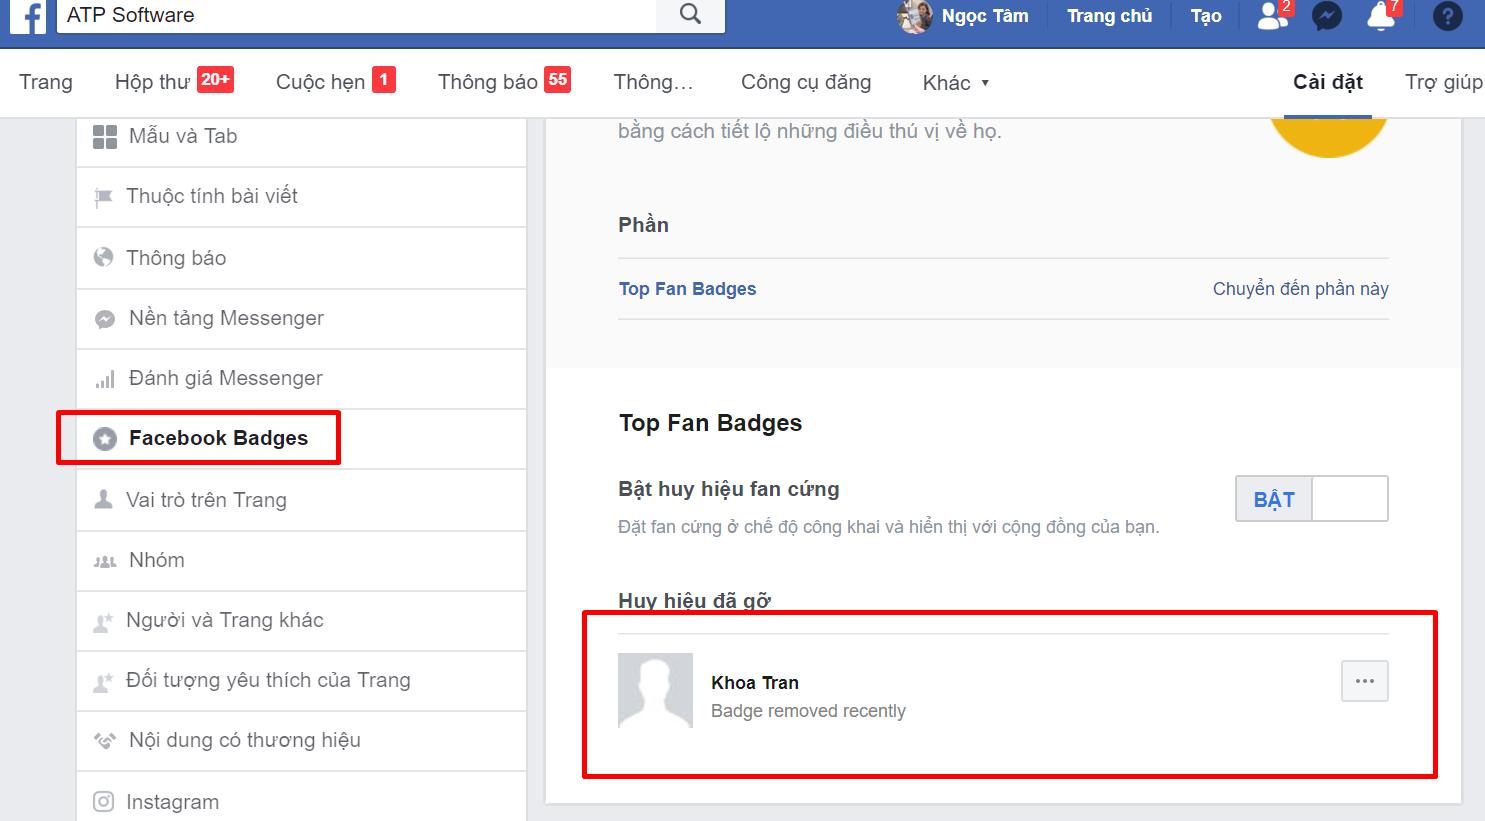 Hướng dẫn tắt hoặc bật lại HUY HIỆU FAN CỨNG trên Fanpage Facebook bị mất